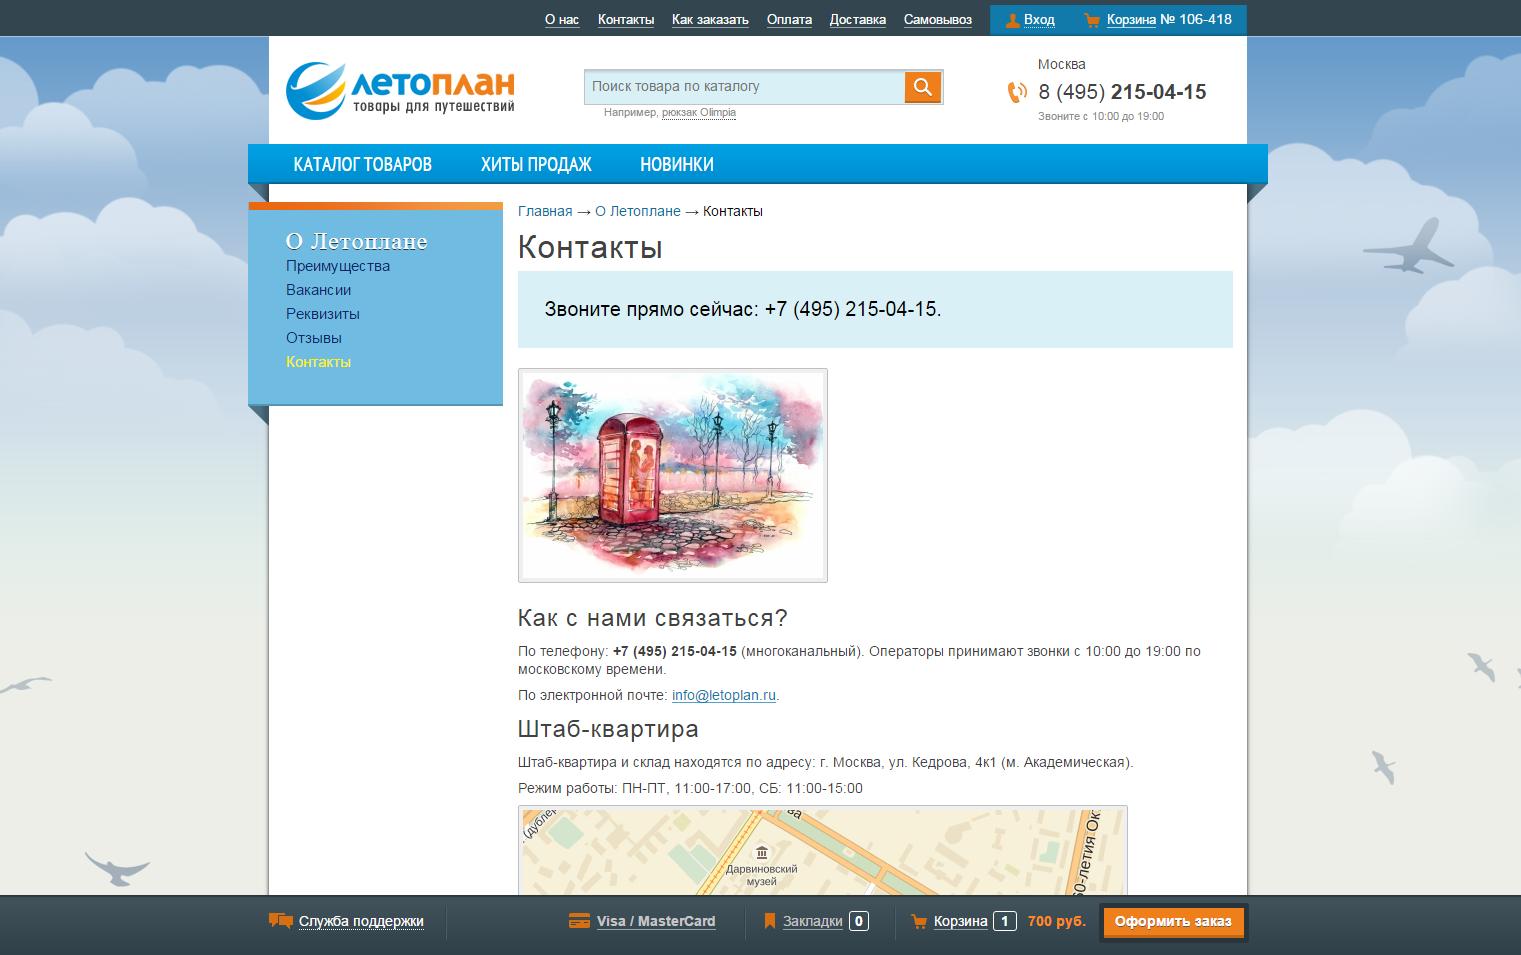 Интернет-магазин Летоплан товары для путешествий